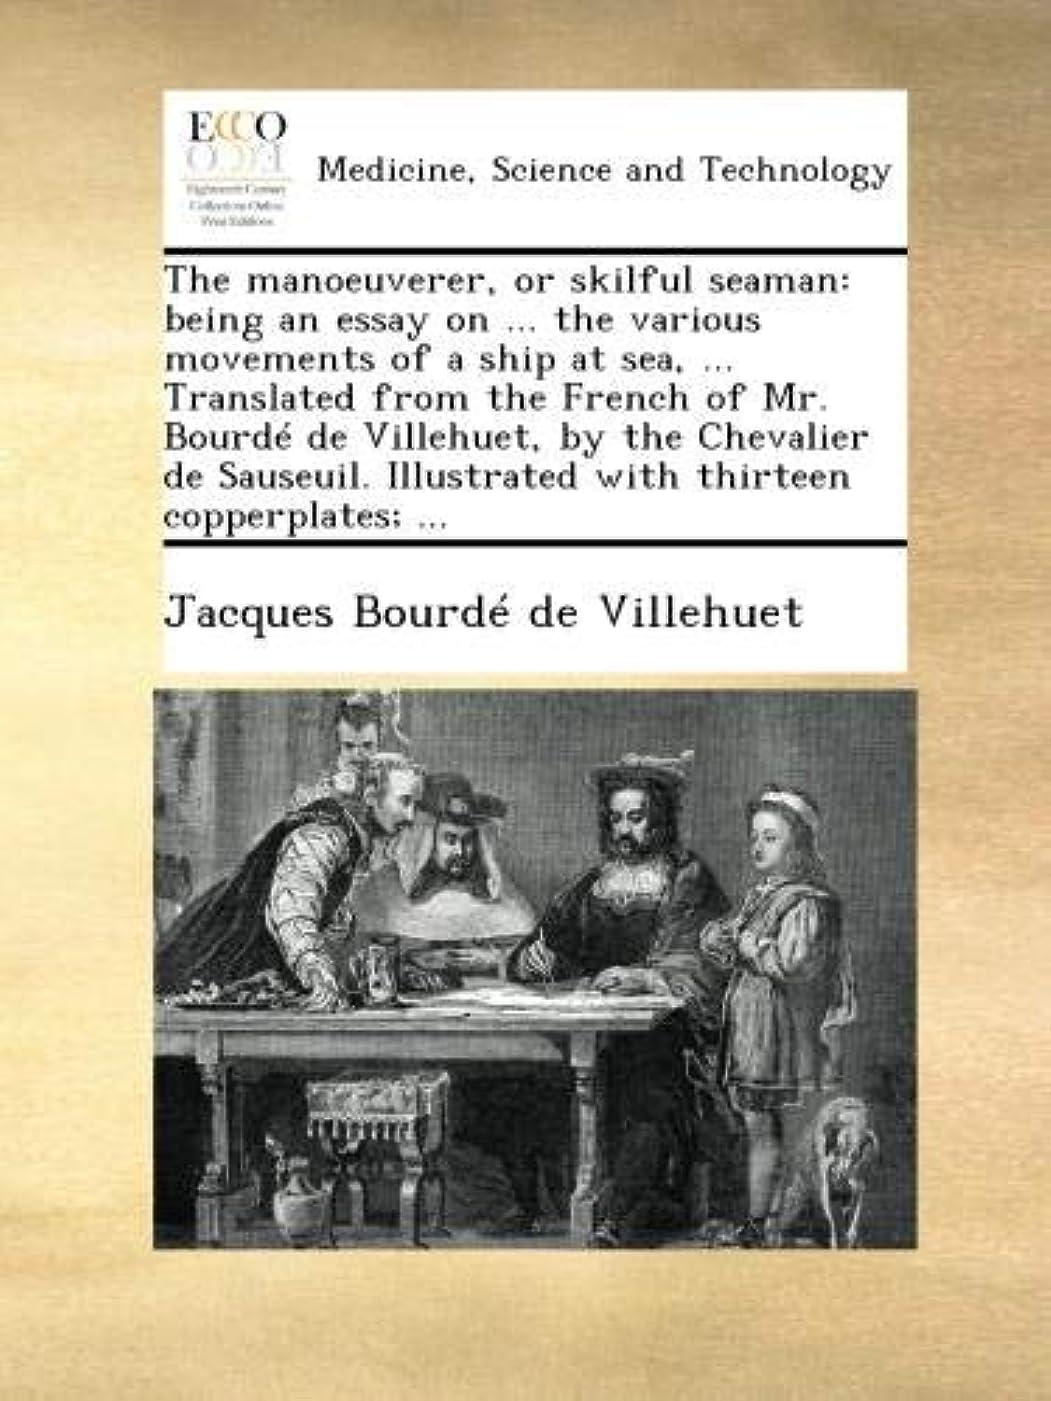 フレームワーク人気の前提The manoeuverer, or skilful seaman: being an essay on ... the various movements of a ship at sea, ... Translated from the French of Mr. Bourdé de Villehuet, by the Chevalier de Sauseuil. Illustrated with thirteen copperplates; ...